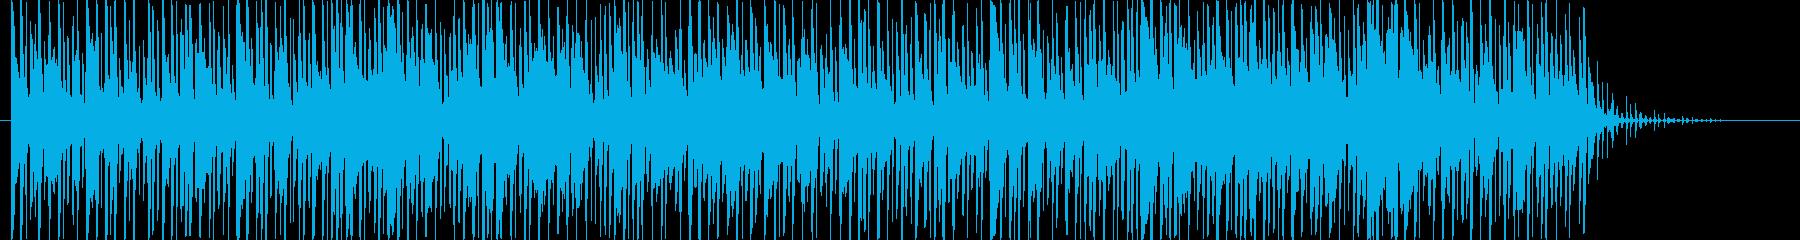 アジアンテイスト_BGMの再生済みの波形